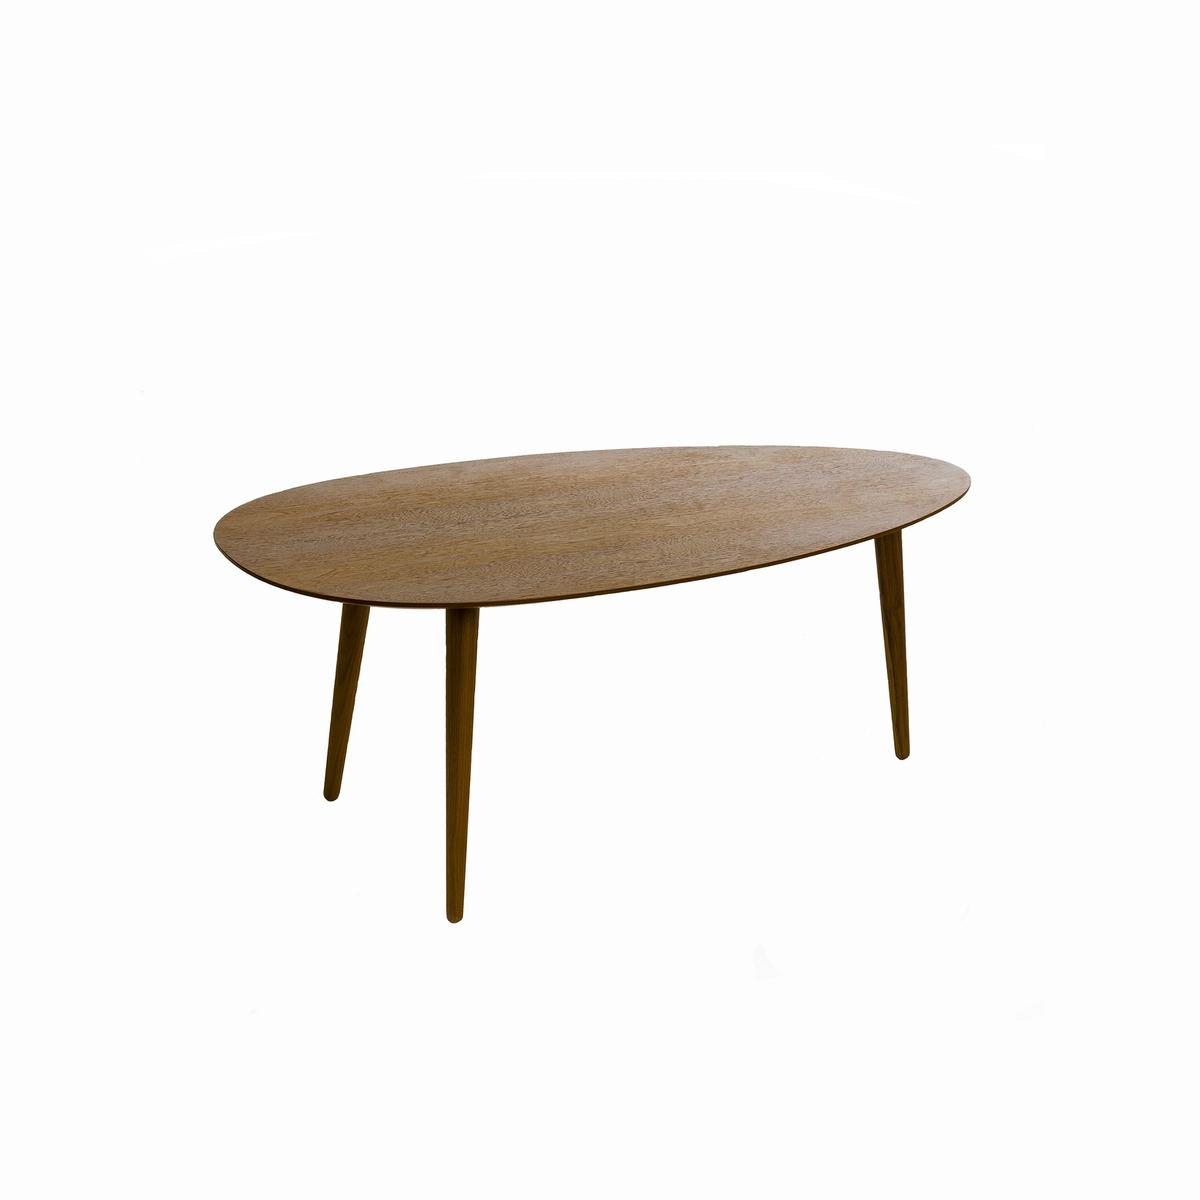 Журнальный La Redoute Столик из каучукового дерева с лакированным покрытием Дл100 см Flashback единый размер каштановый